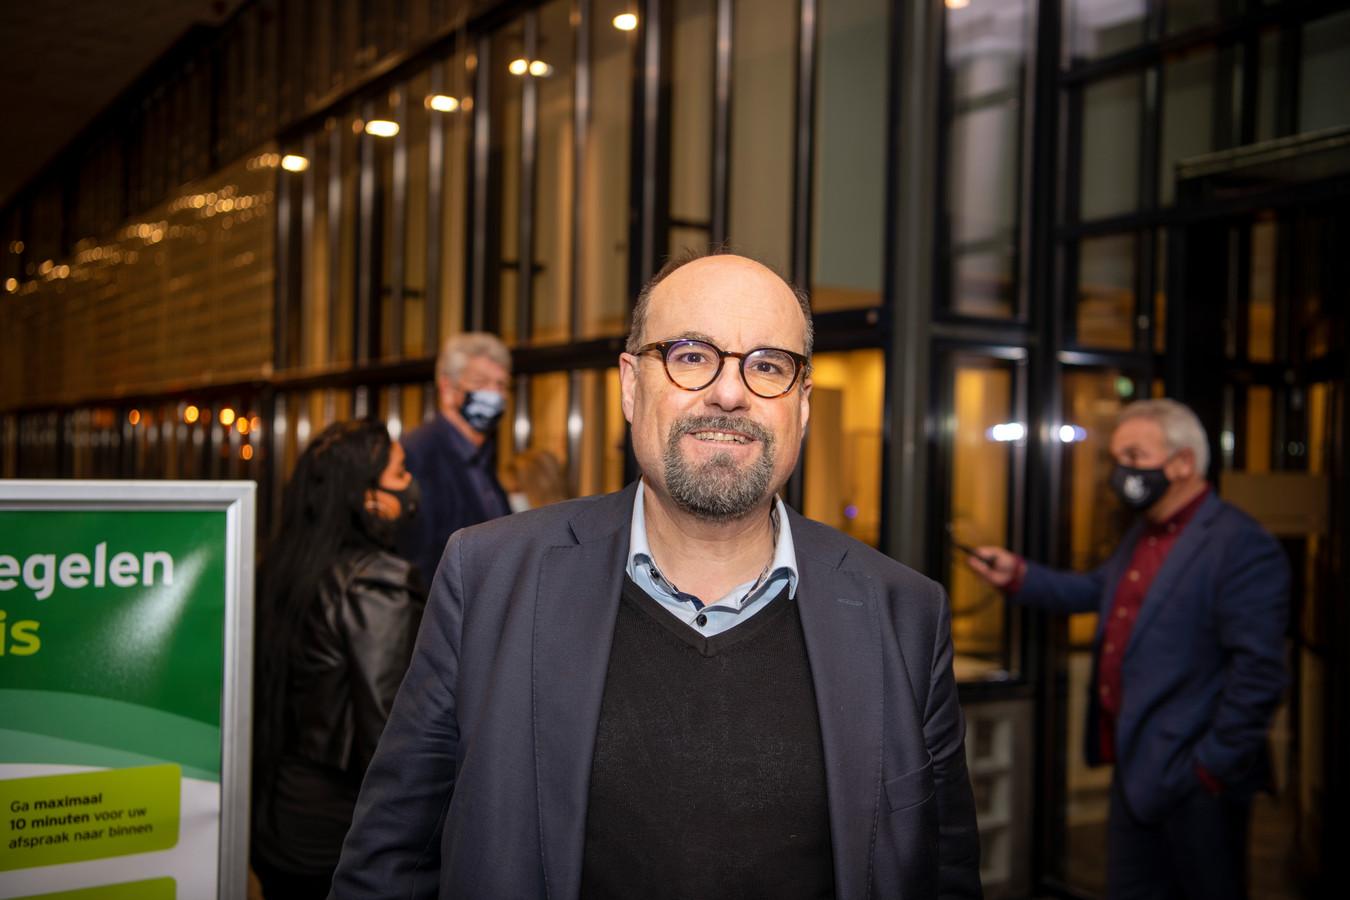 GB-Apeldoorn introduceert nieuw inspraakmodel: 'Stap naar betere participatie'